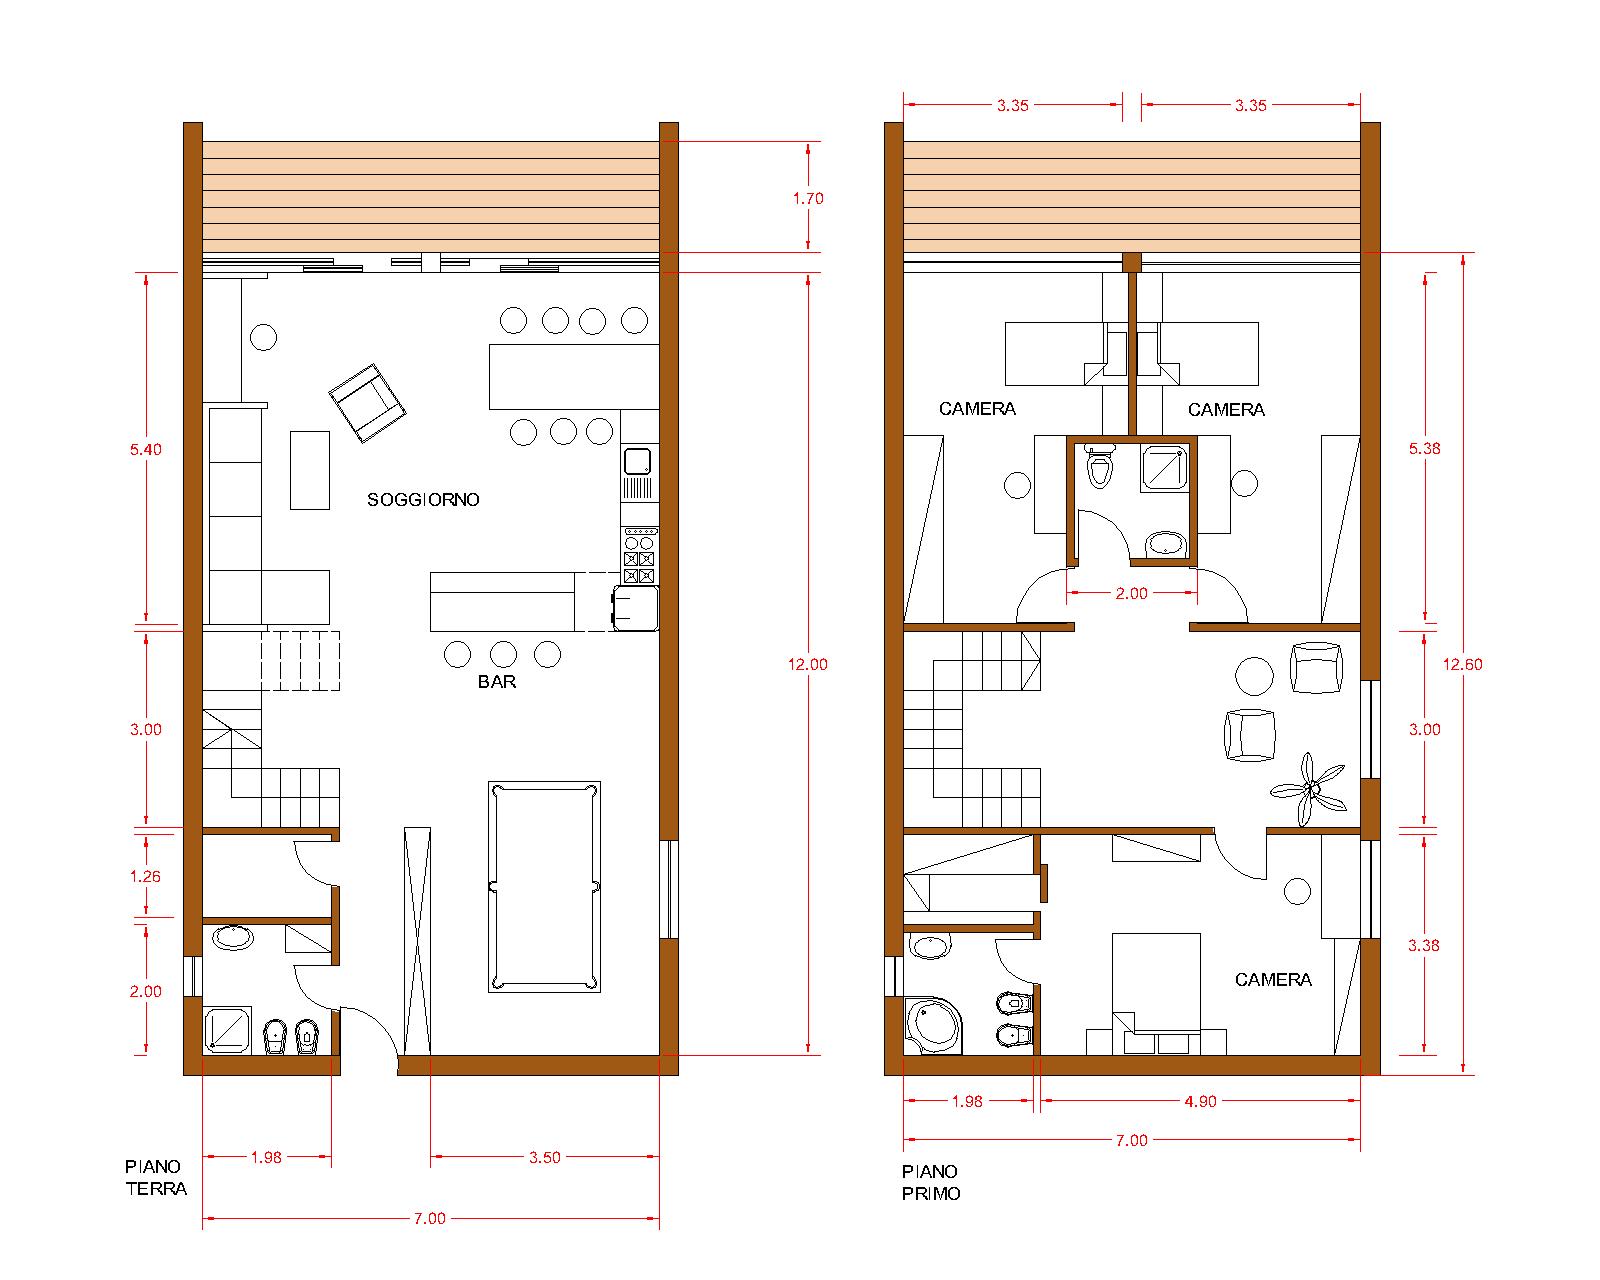 Progetti di case in legno casa 191 mq terrazze 25 mq for Progetti di case piccole